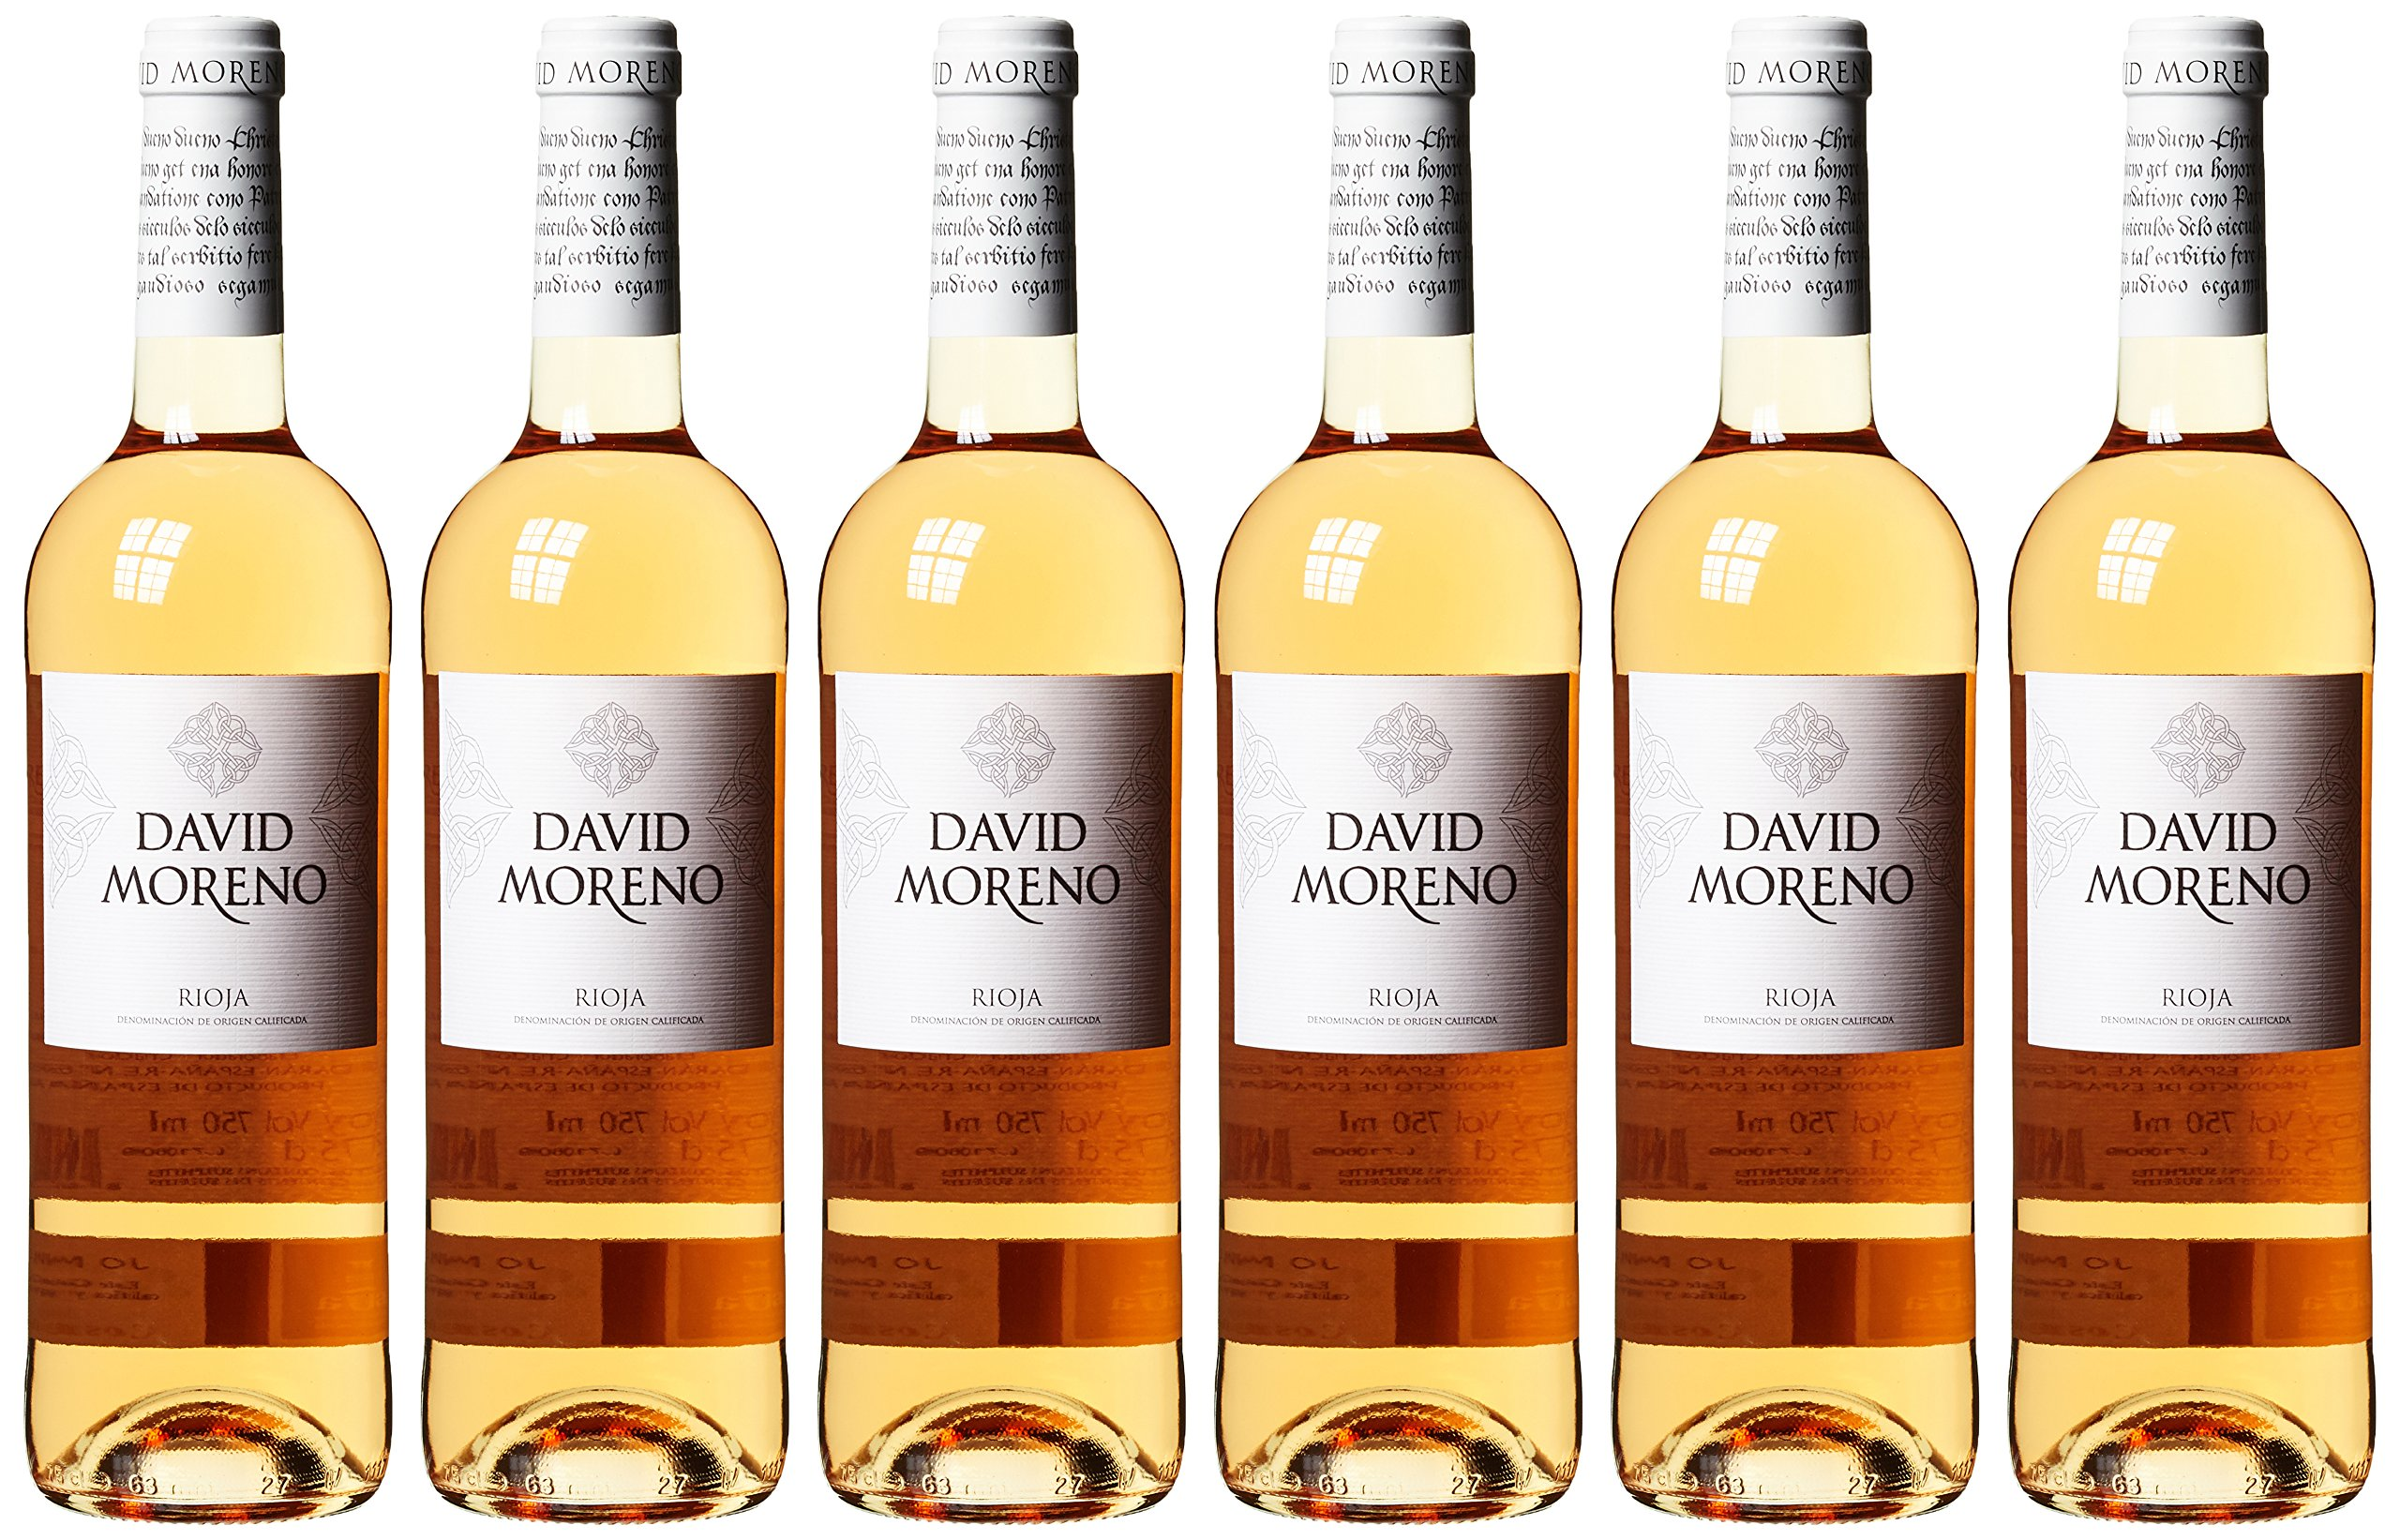 David-Moreno-Rosado-Spanische-Weine-6-x-075-l